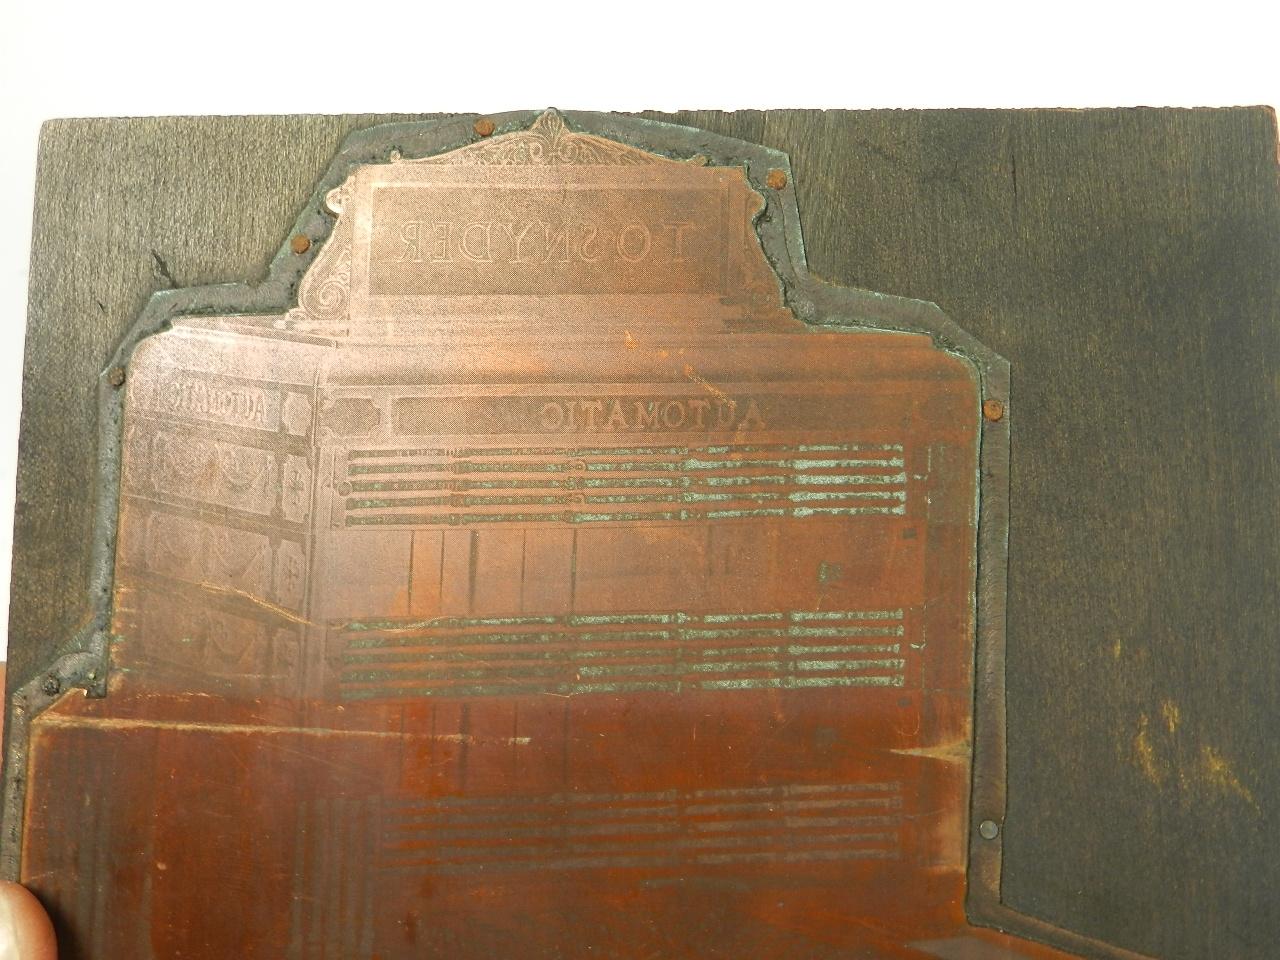 Imagen PLANCHA IMPRENTA REGISTRADORA AÑO 1920 38795